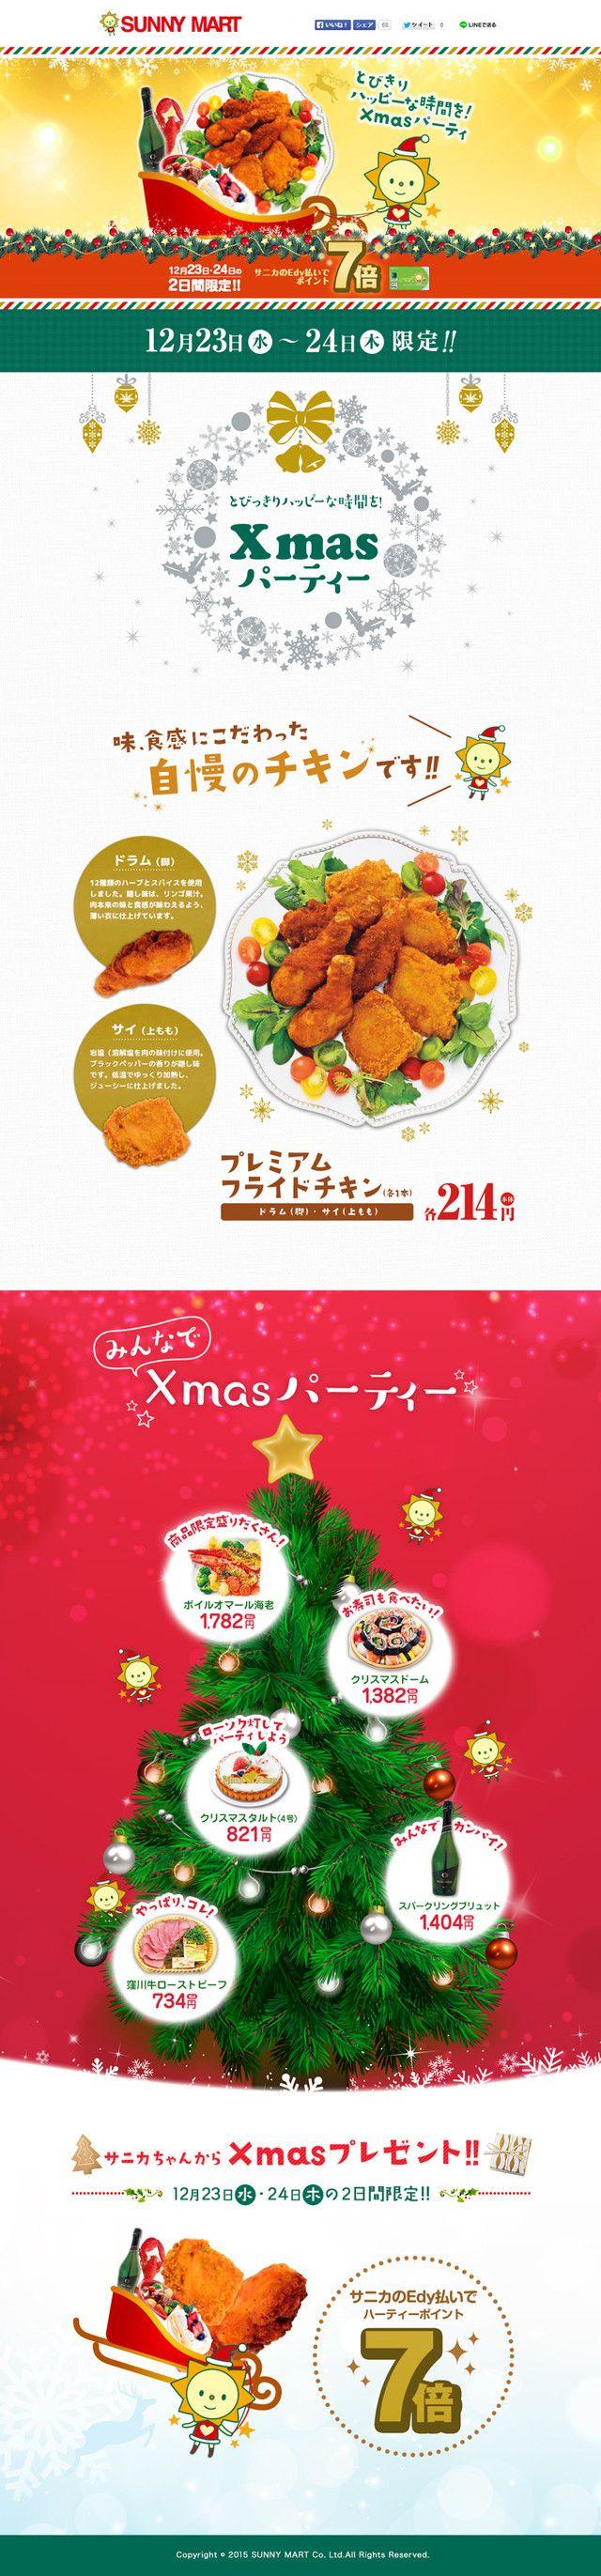 クリスマスチキンのLP - COLORMODE   JAYPEG